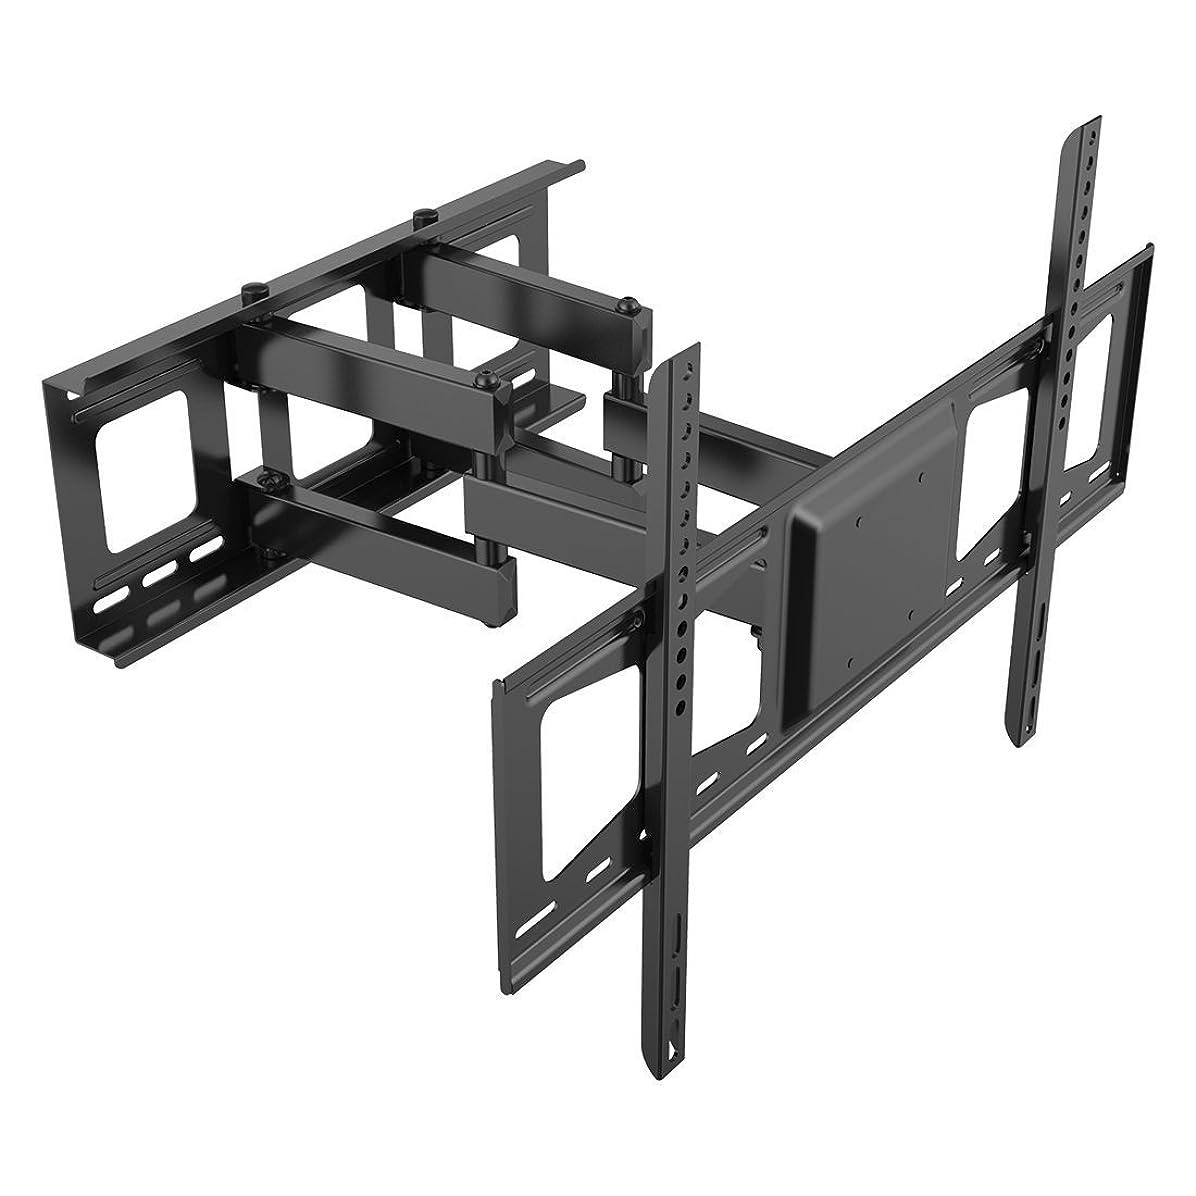 運賃乱れ魔術Loctek テレビ壁掛け金具 32~55インチLED液晶テレビ対応 ダブルアームタイプ 前後&左右角度調節 テレビマウント J2